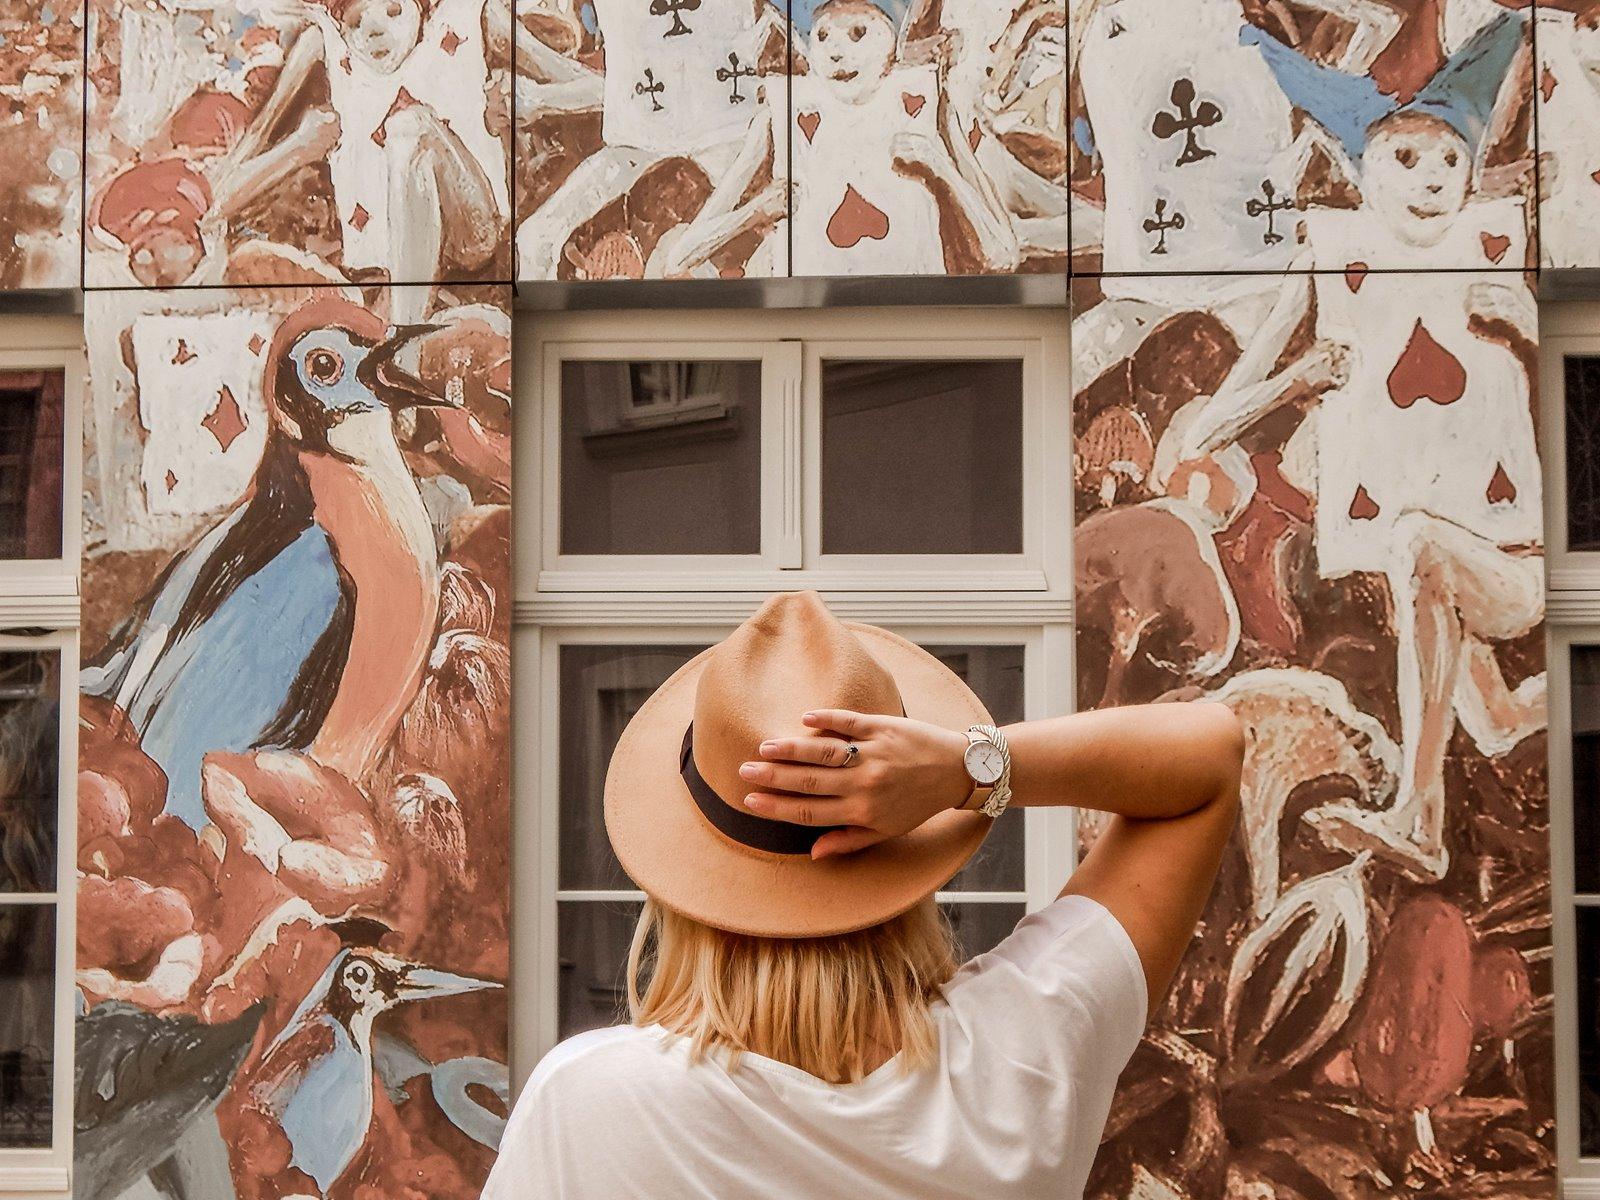 1 łódź podwórko artystyczne przy ul. Więckowskiego 4 murale łódzkie graffiti artystyczne podwórka miejsca które warto zobaczyć instafriendly miejsca w łodzi na sesje zdjęciowe dla blogerów ładne piękne kolorowe